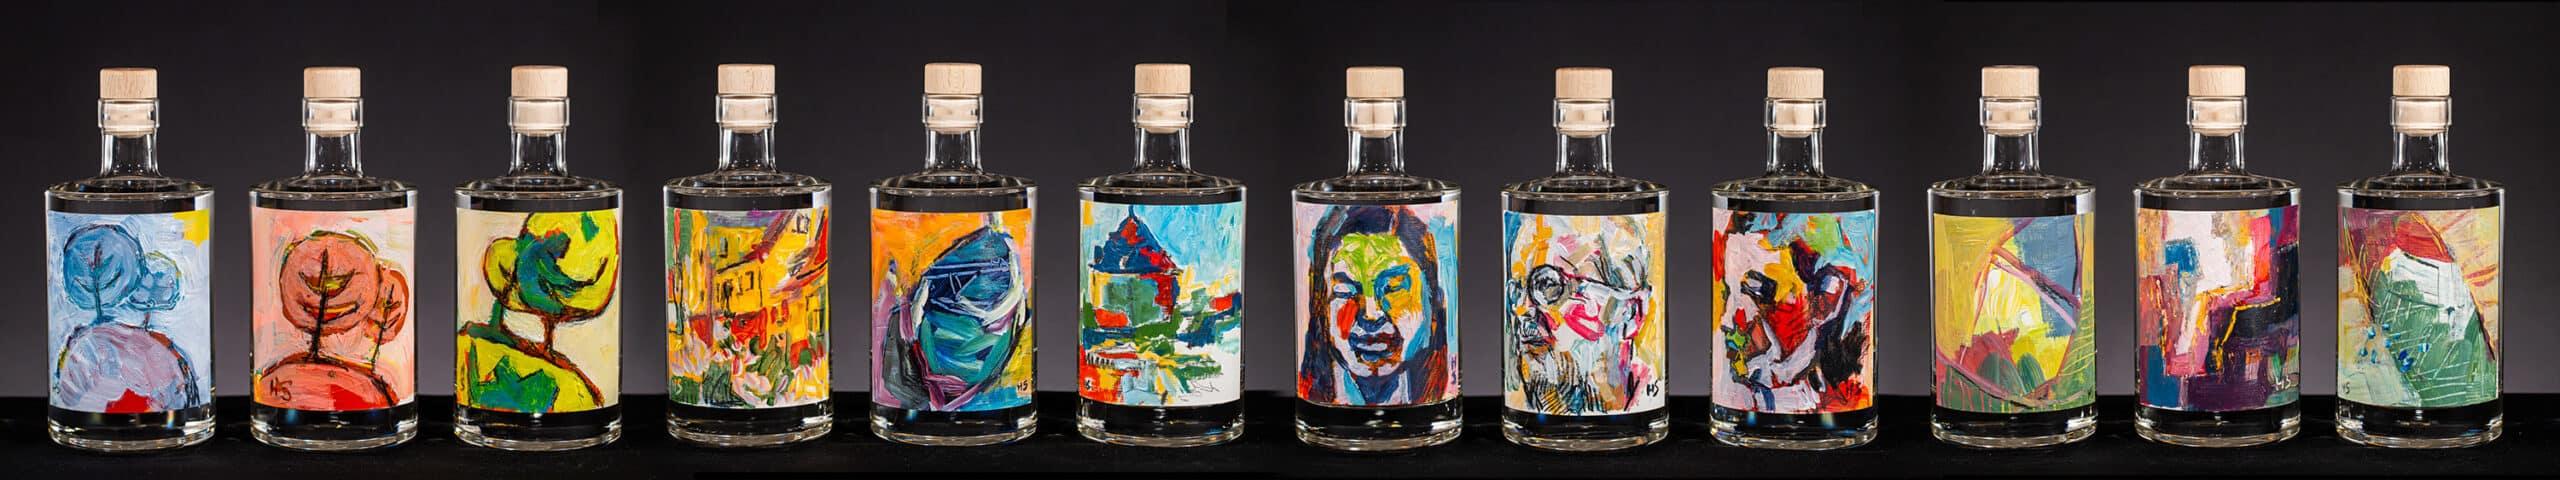 Kunstflasker samlet scaled | Woodhill Gin